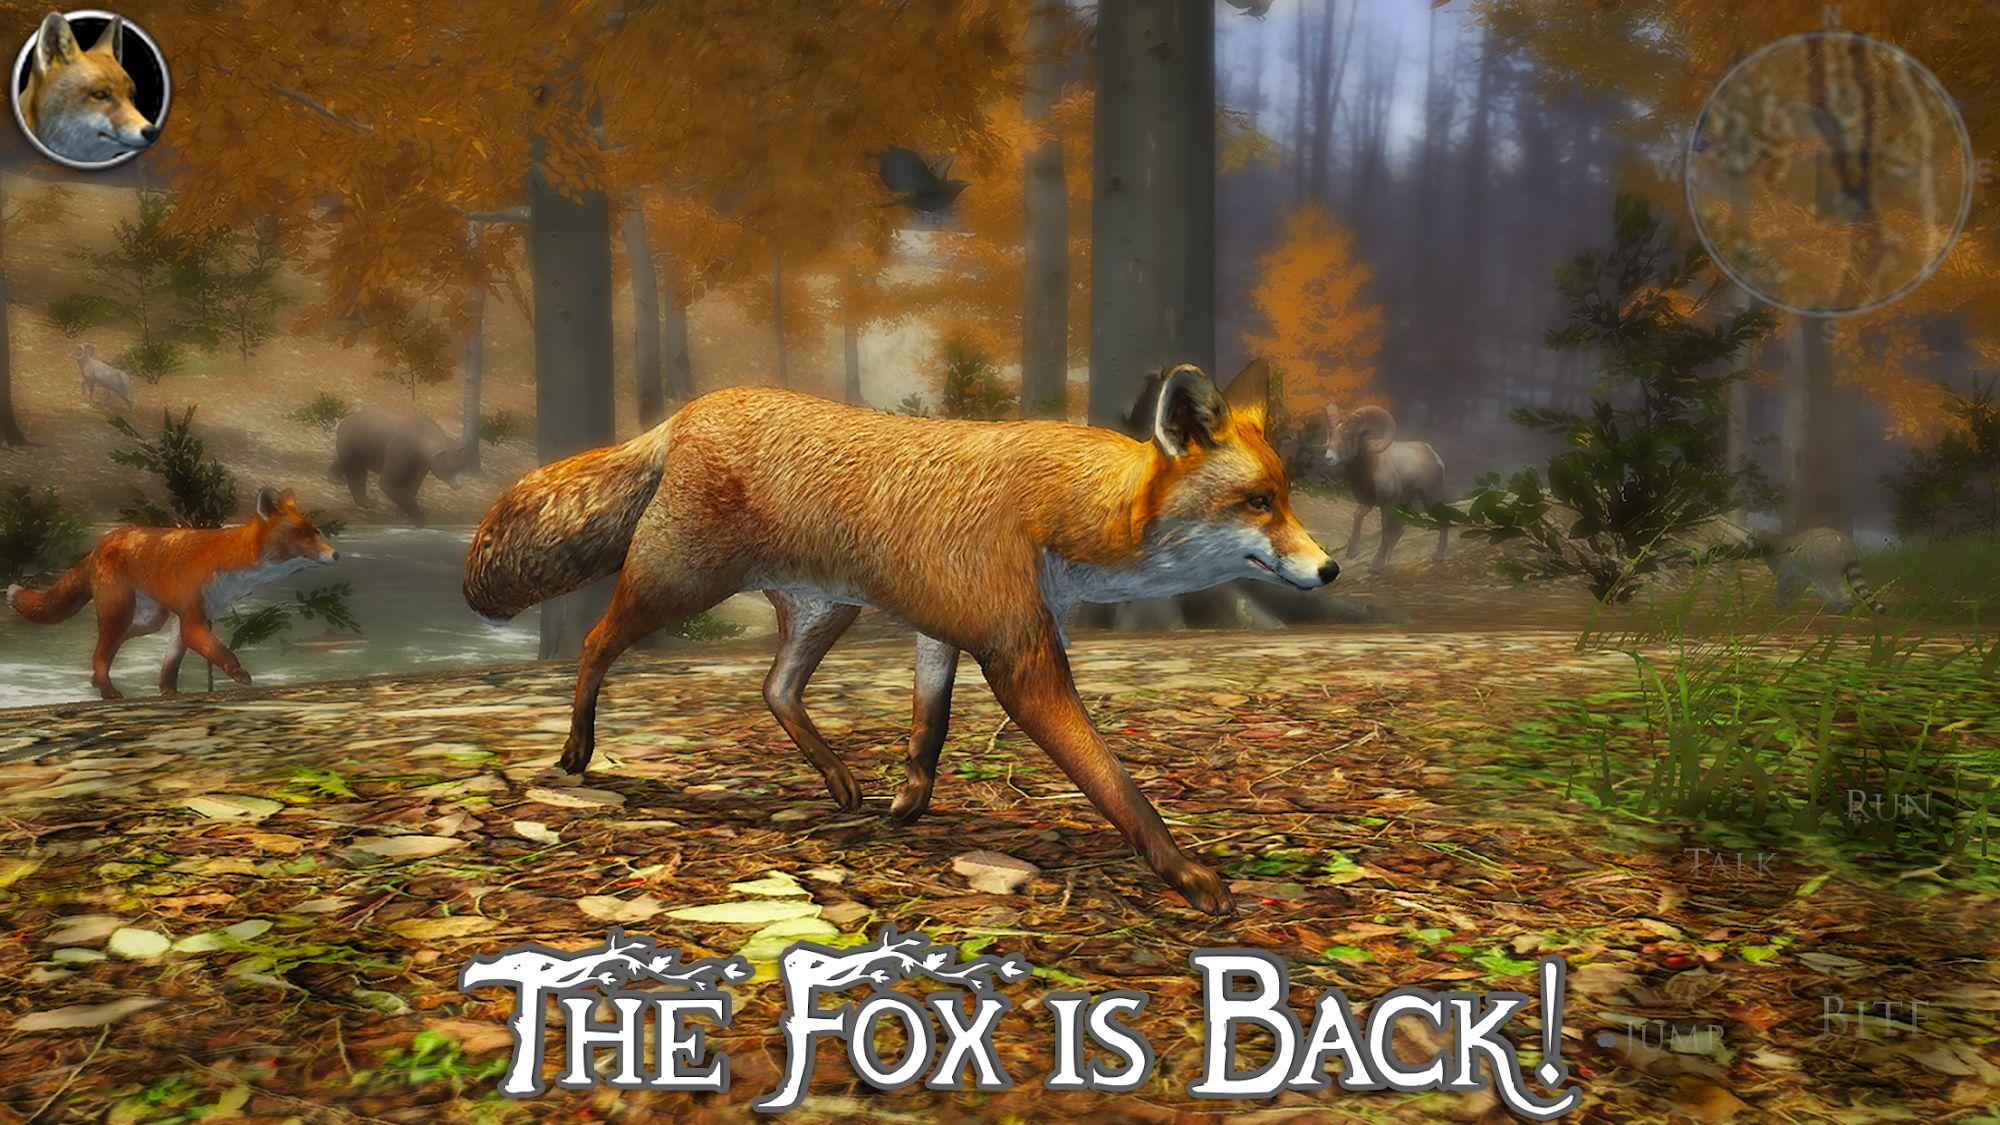 Ultimate Fox Simulator 2 screenshot 1